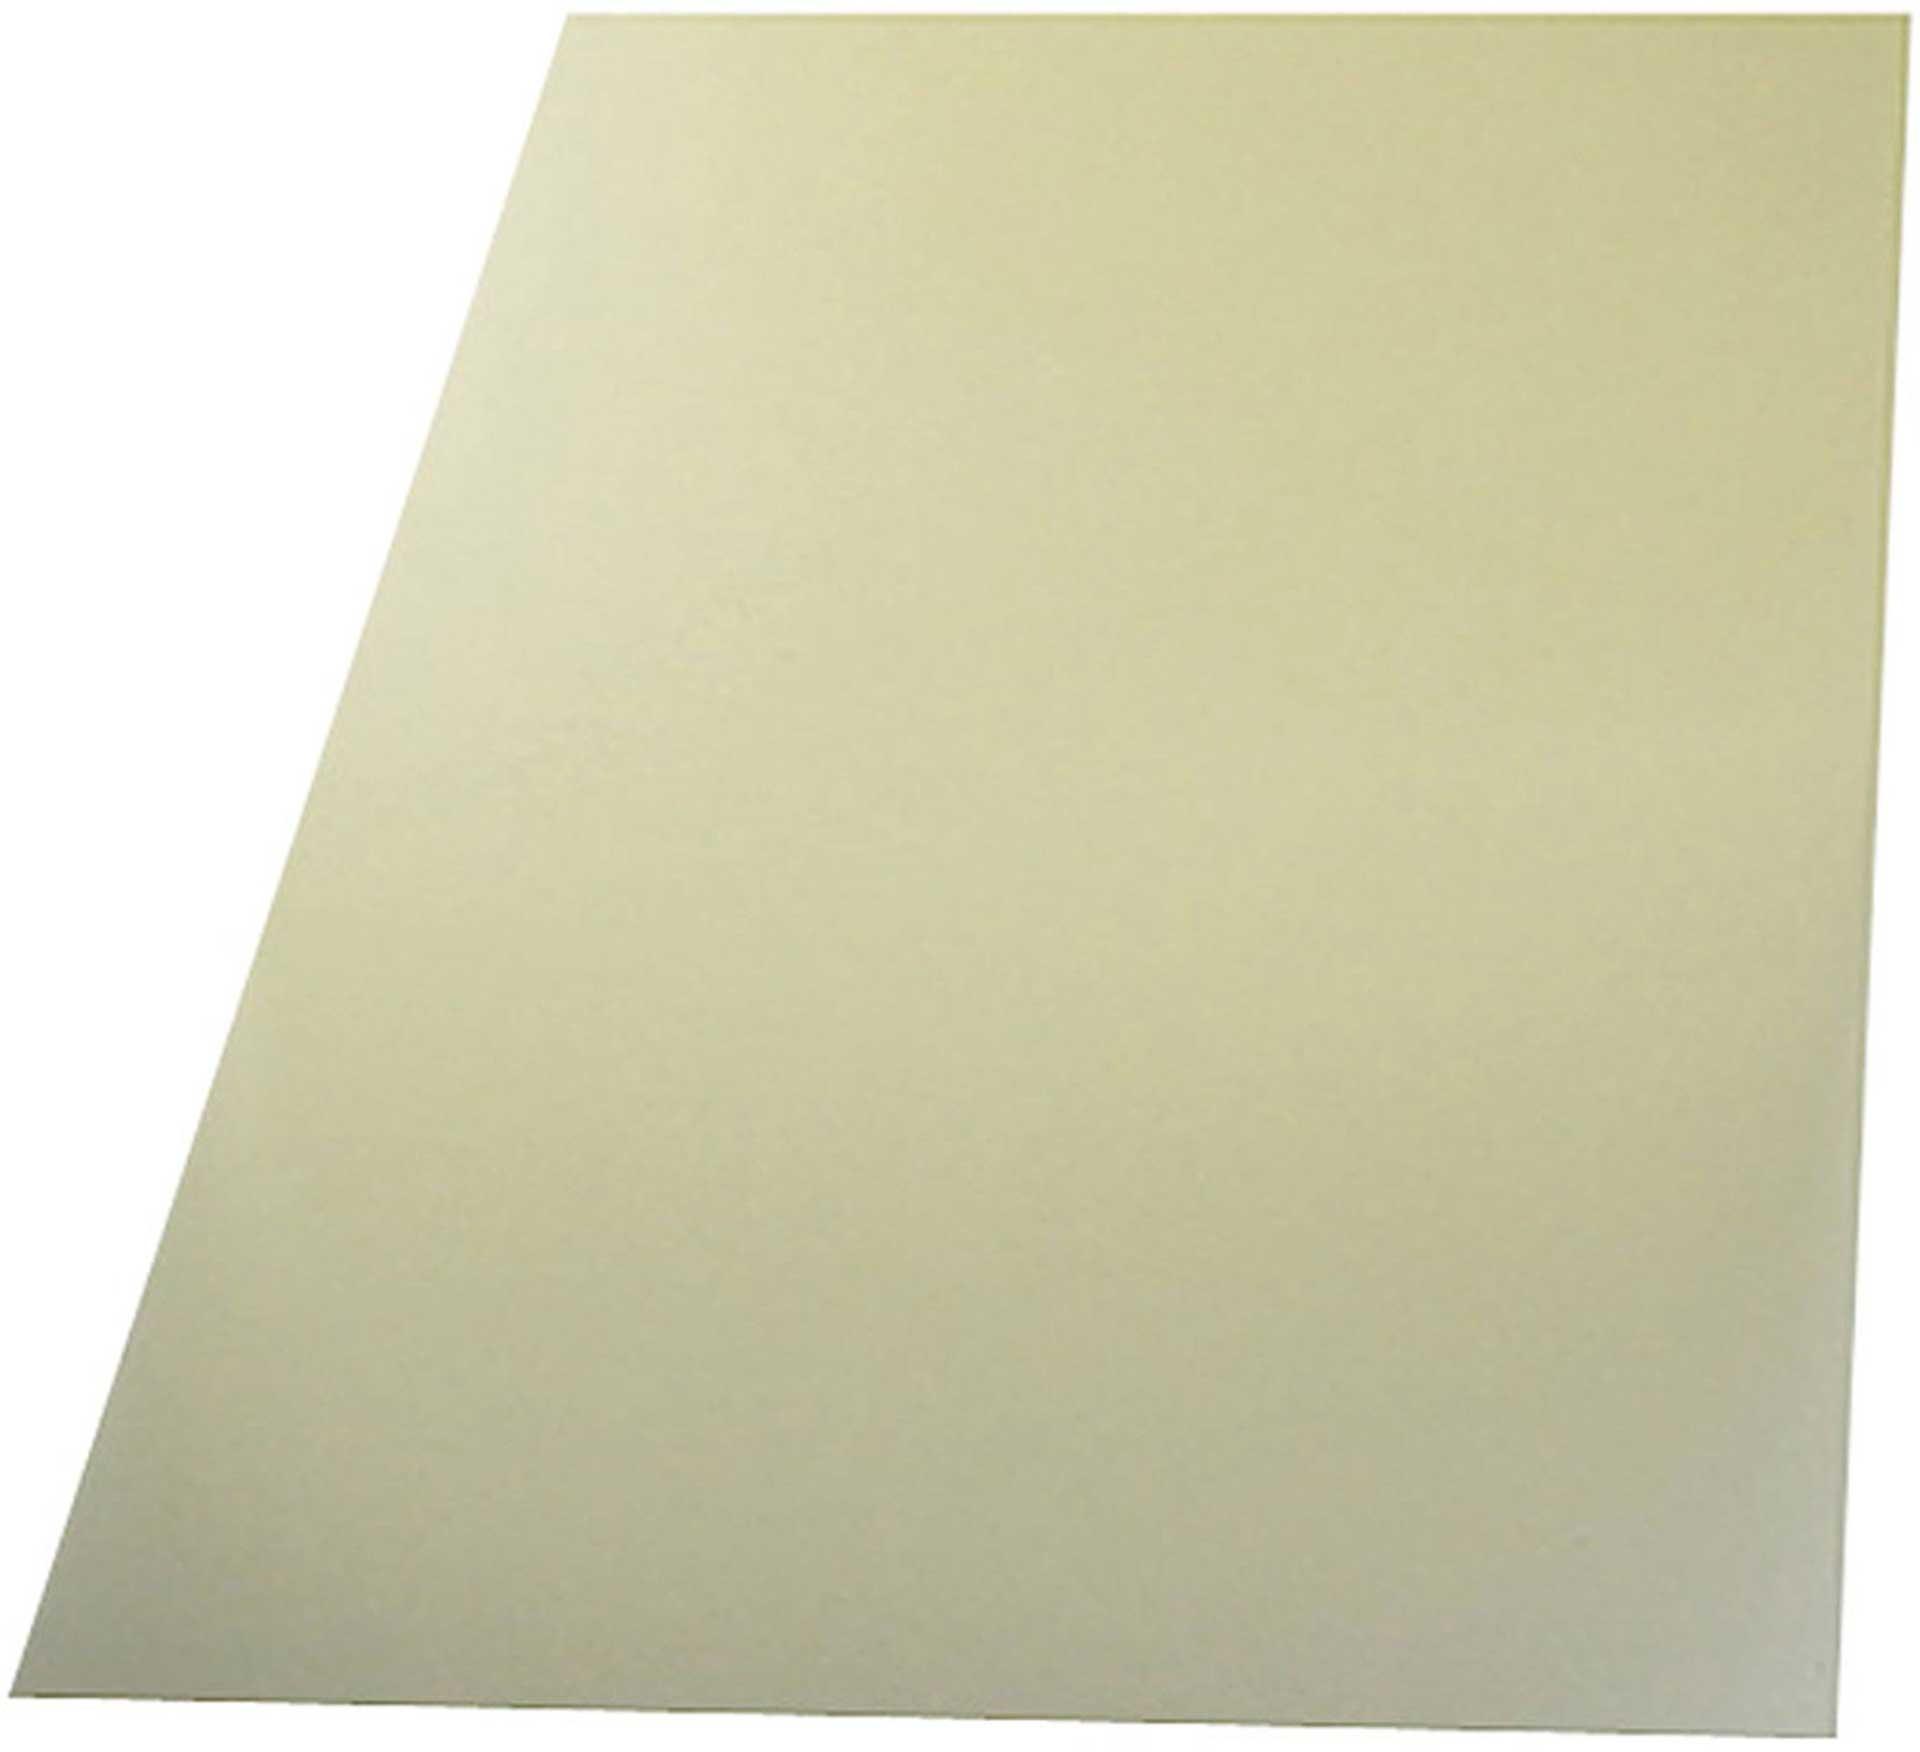 R&G GFK-PLATTE 620X540X1,5MM GEWICHT CA.1030 G